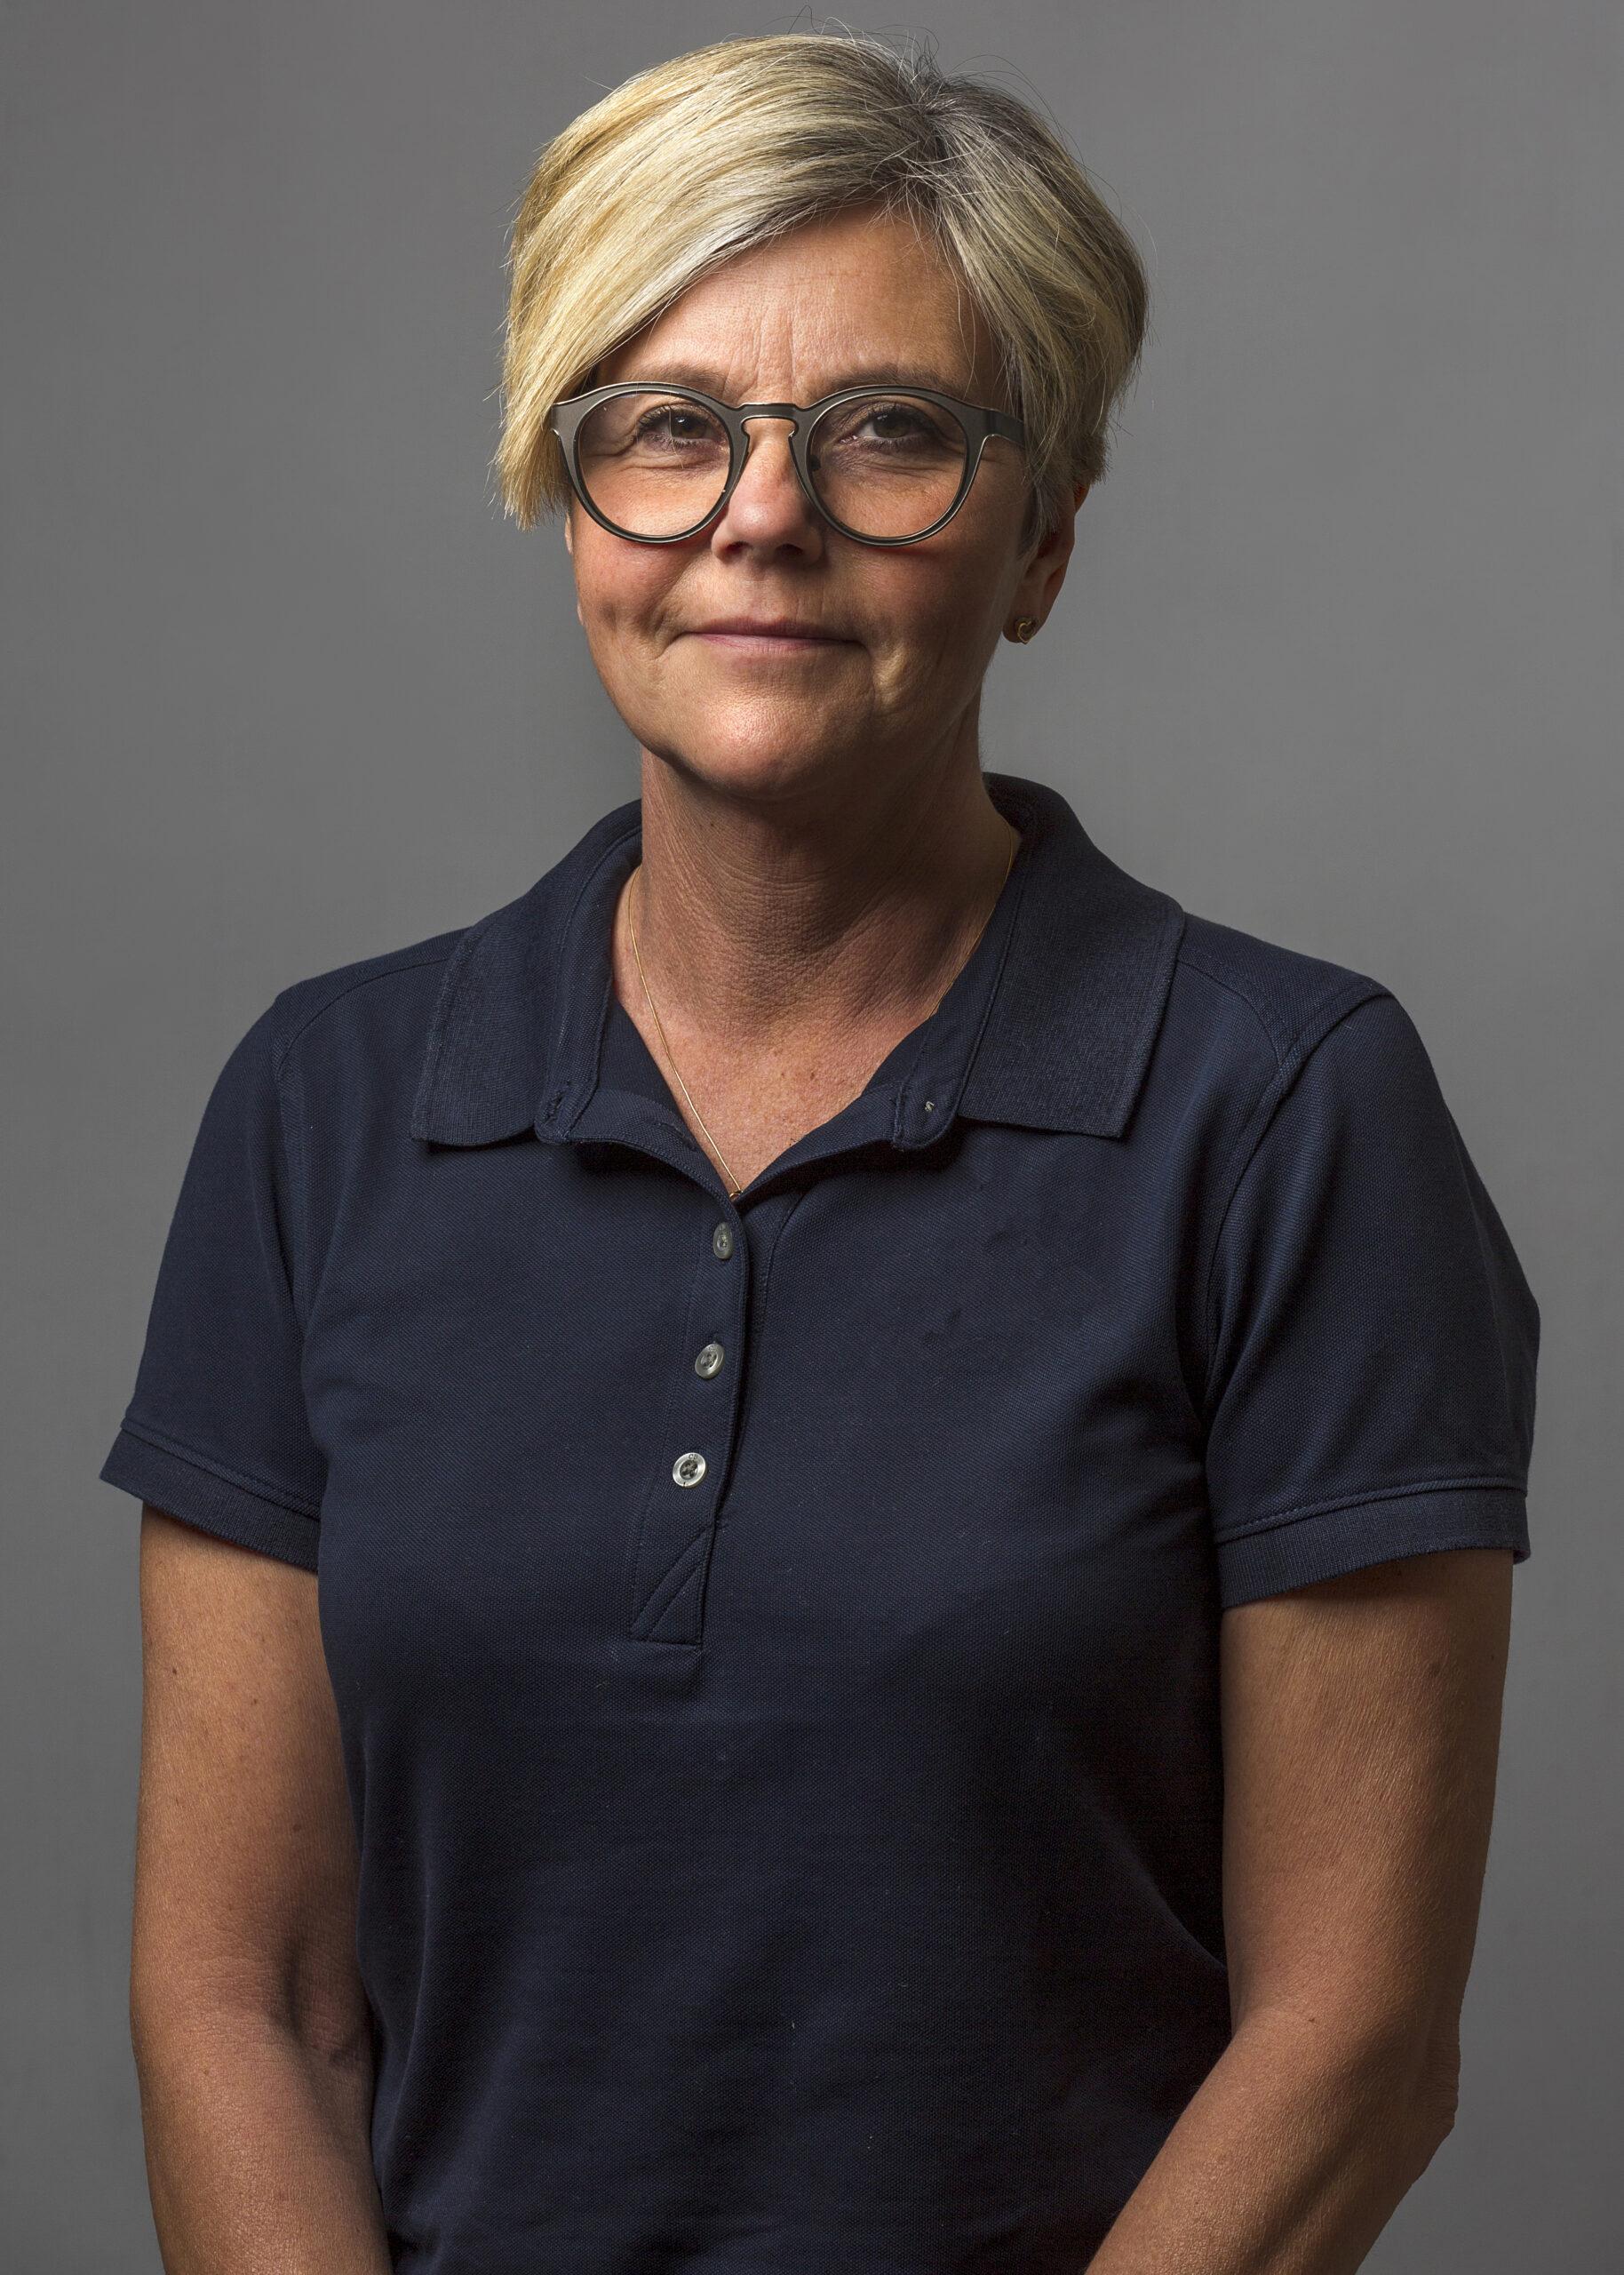 Annelie Forsberg